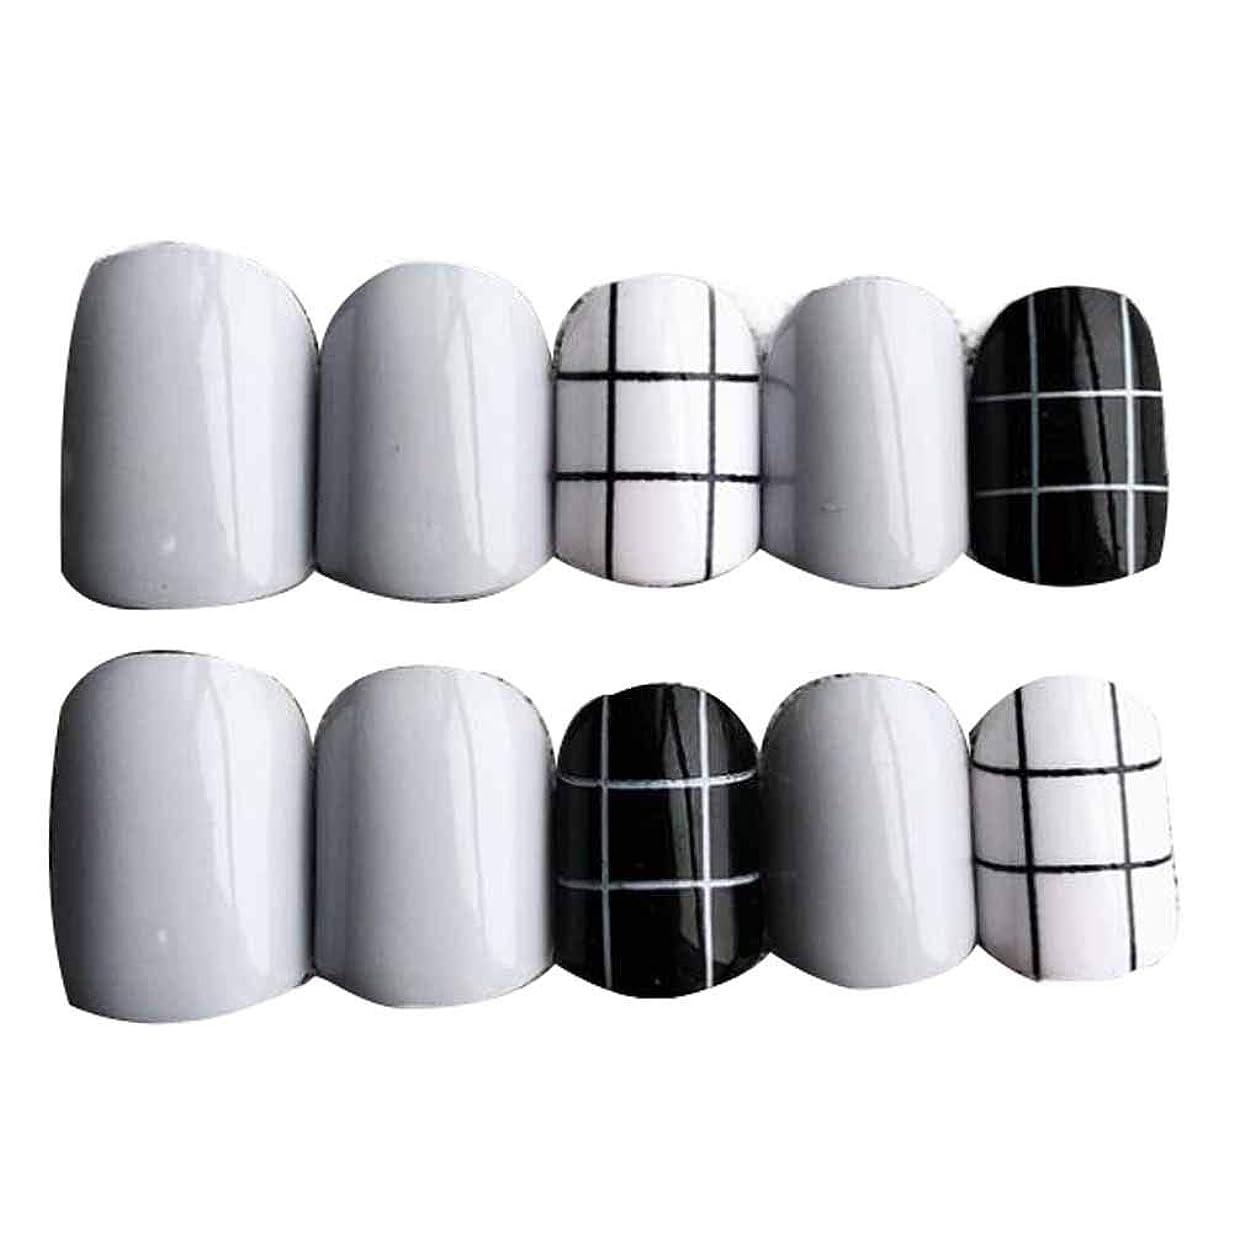 敬意を表するファーザーファージュ軽減するグレー/ブラック 丸い偽爪人工偽爪のヒント 装飾